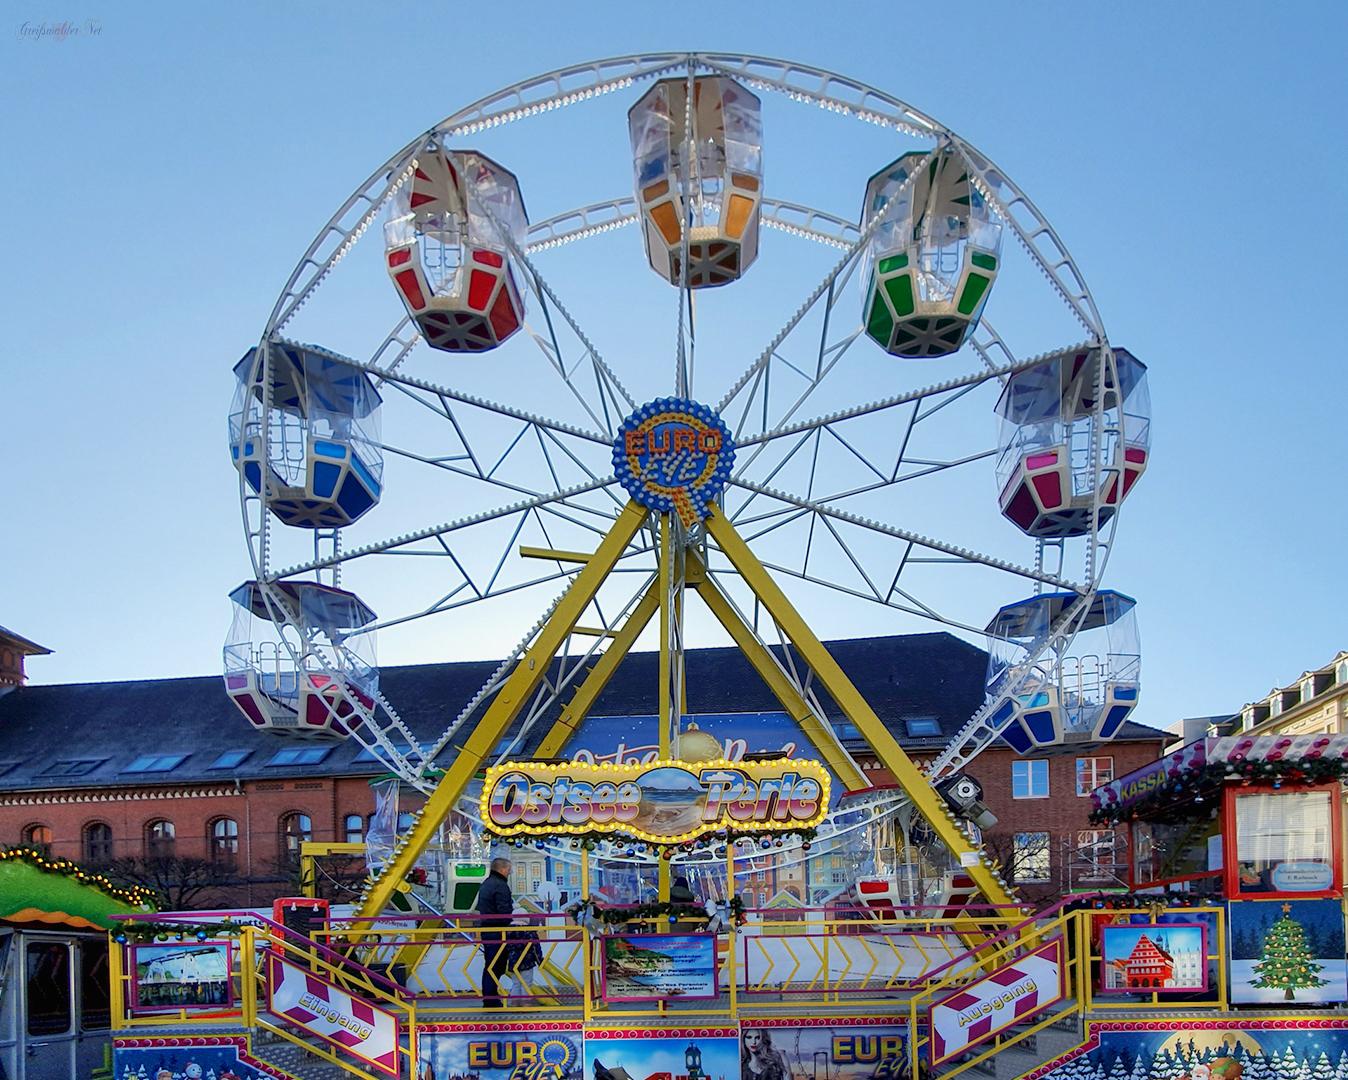 Riesenrad auf dem Weihnachtsmarkt Greifswald